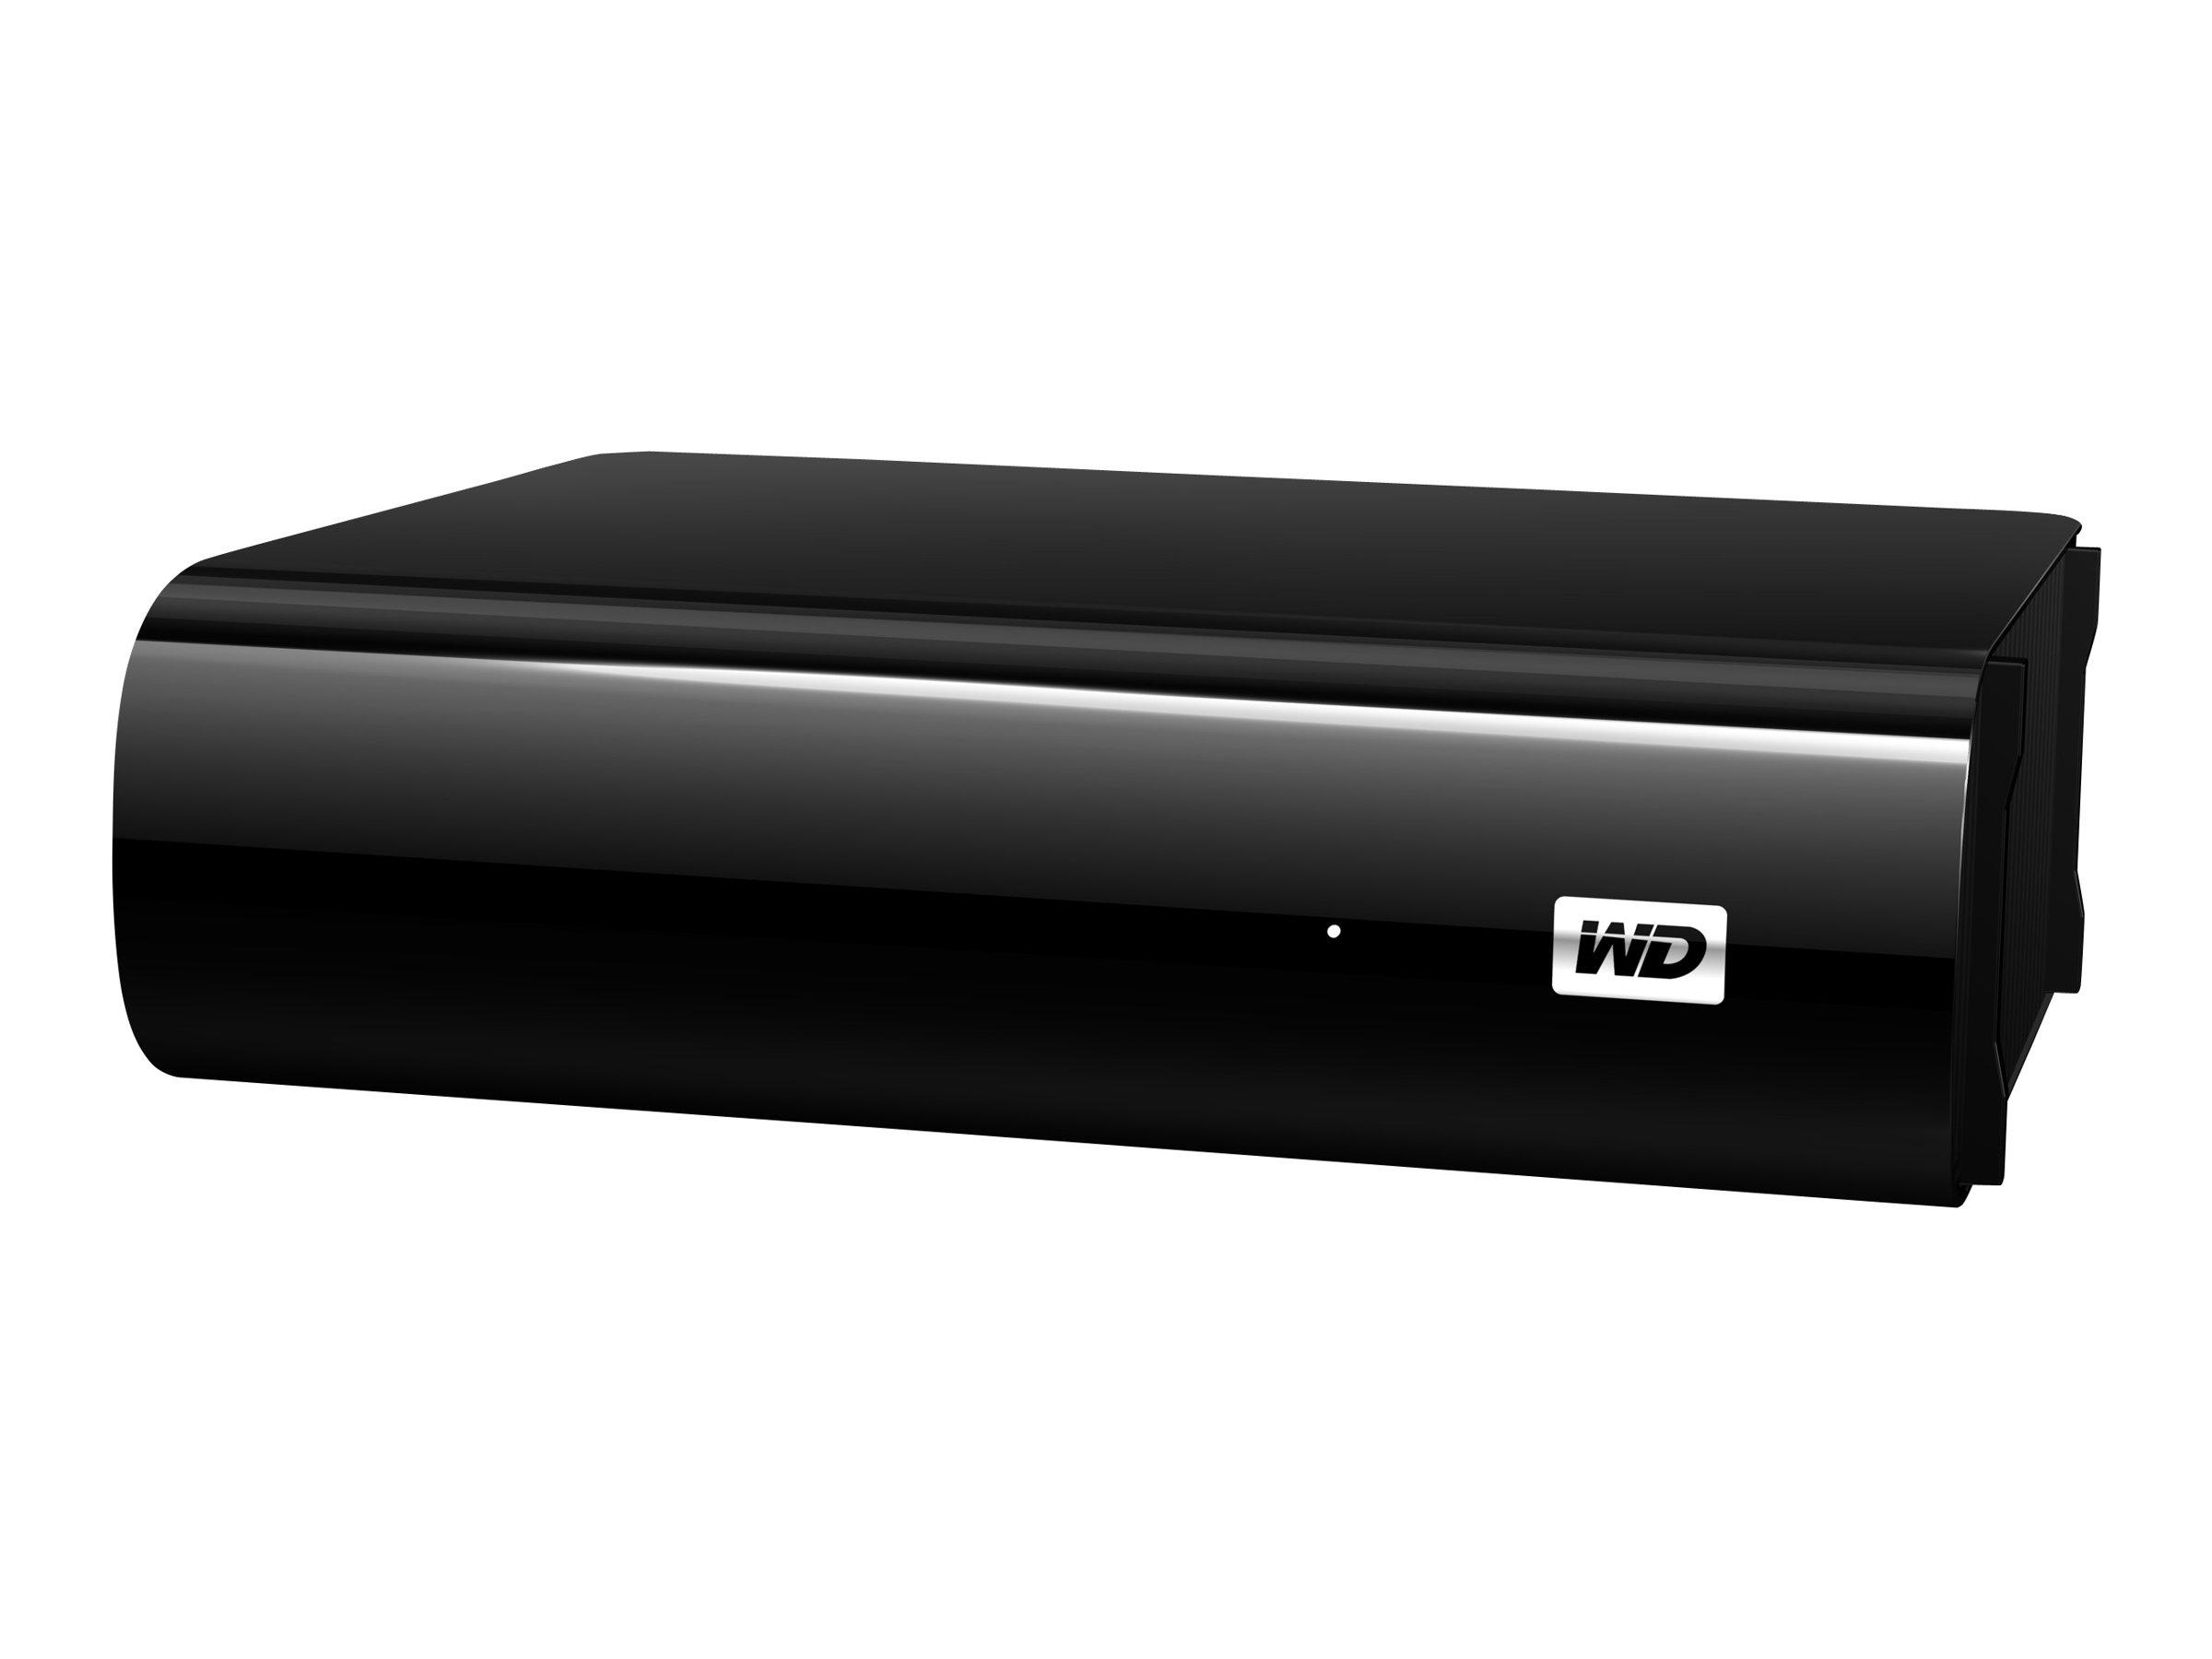 WD MyBook AV-TV WDBGLG0010HBK - Festplatte - 1 TB - extern (Stationär) - USB 3.0